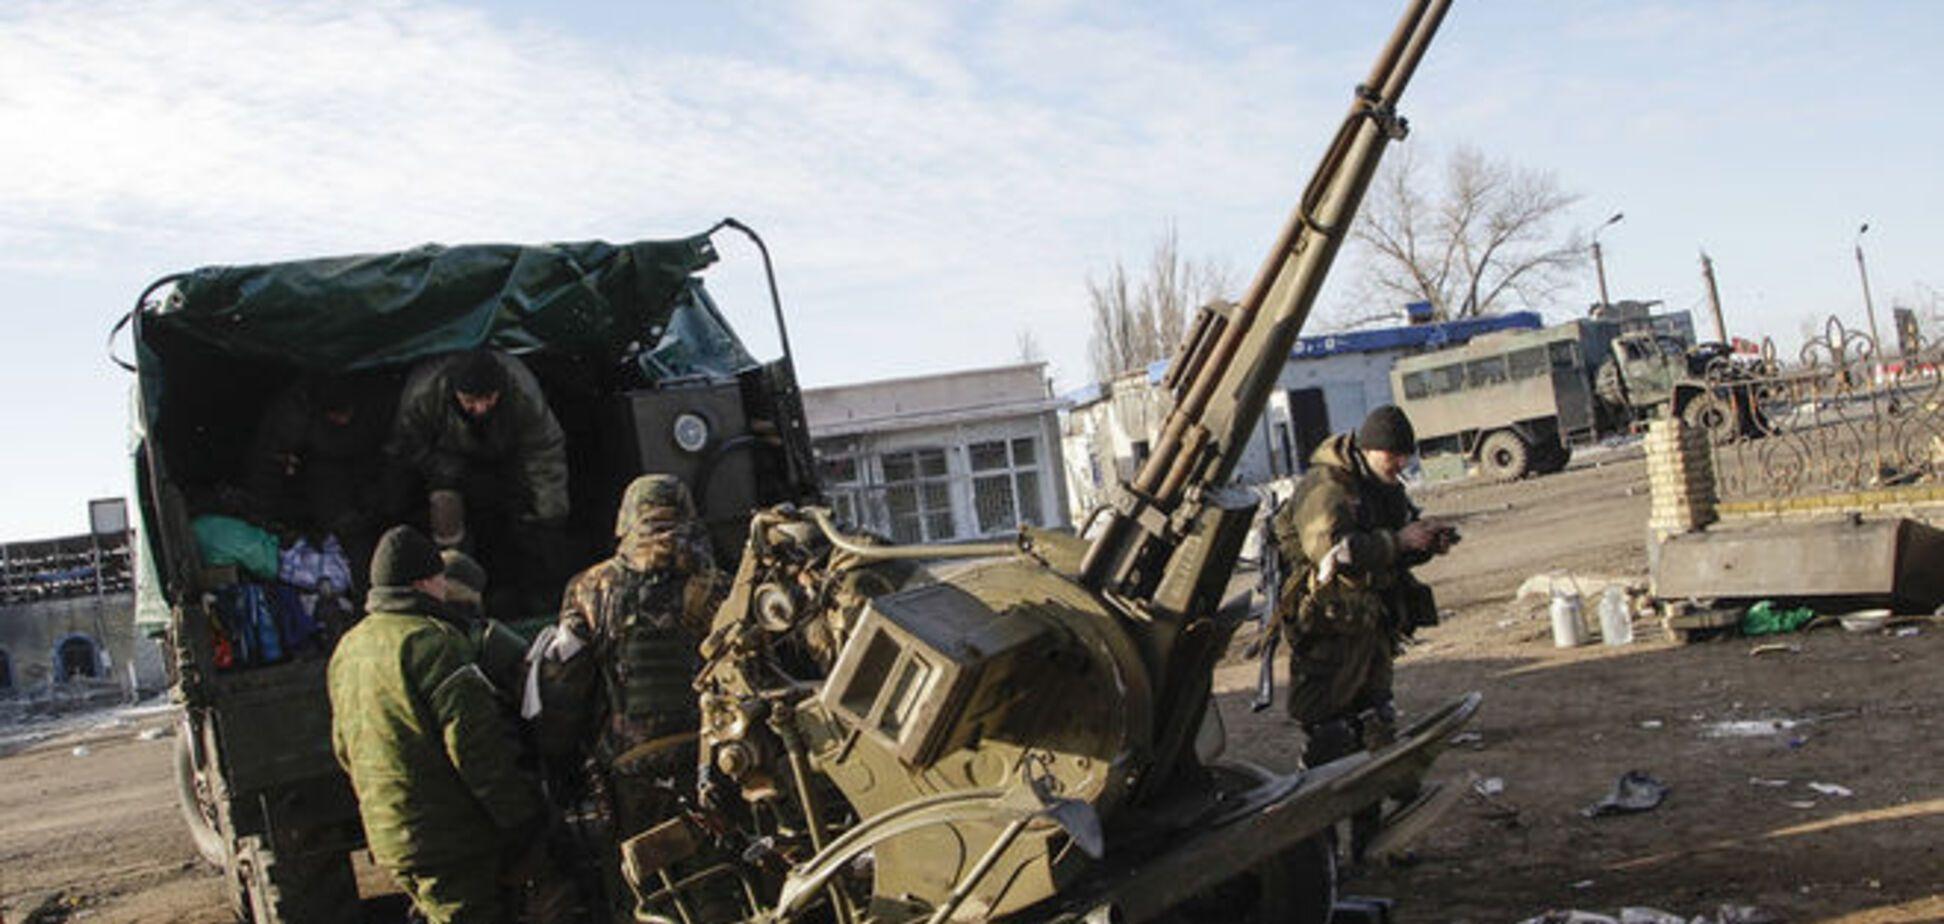 8 марта не помеха боевикам пострелять: штаб АТО зафиксировал 12 обстрелов